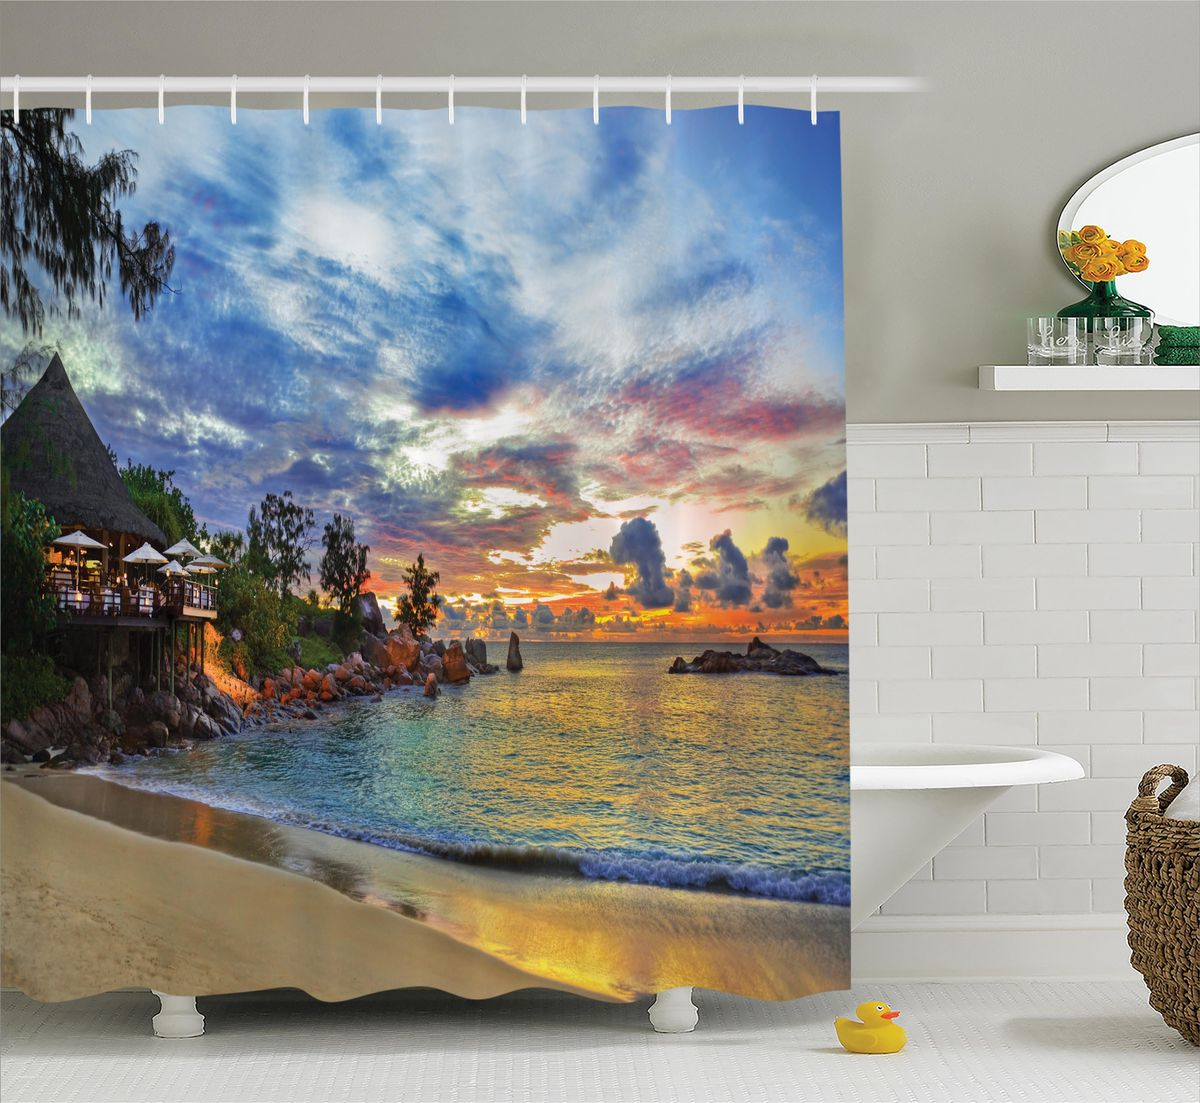 Штора для ванной комнаты Magic Lady Вечер в райском уголке, 180 х 200 смшв_12485Штора Magic Lady Вечер в райском уголке, изготовленная из высококачественного сатена (полиэстер 100%), отлично дополнит любой интерьер ванной комнаты. При изготовлении используются специальные гипоаллергенные чернила для прямой печати по ткани, безопасные для человека.В комплекте: 1 штора, 12 крючков. Обращаем ваше внимание, фактический цвет изделия может незначительно отличаться от представленного на фото.